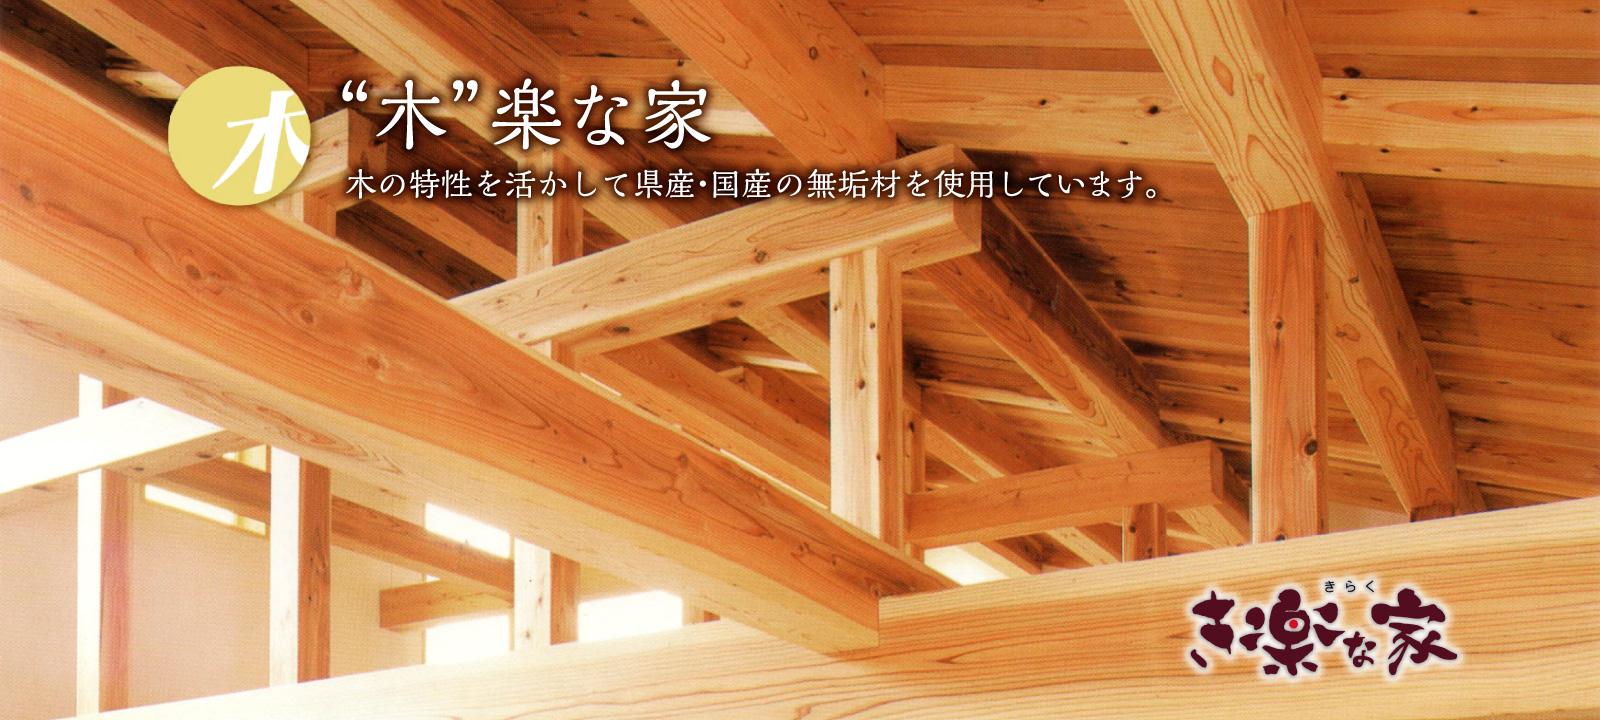 木楽な家|木の特性を活かして県産・国産の無垢材を使用しています。